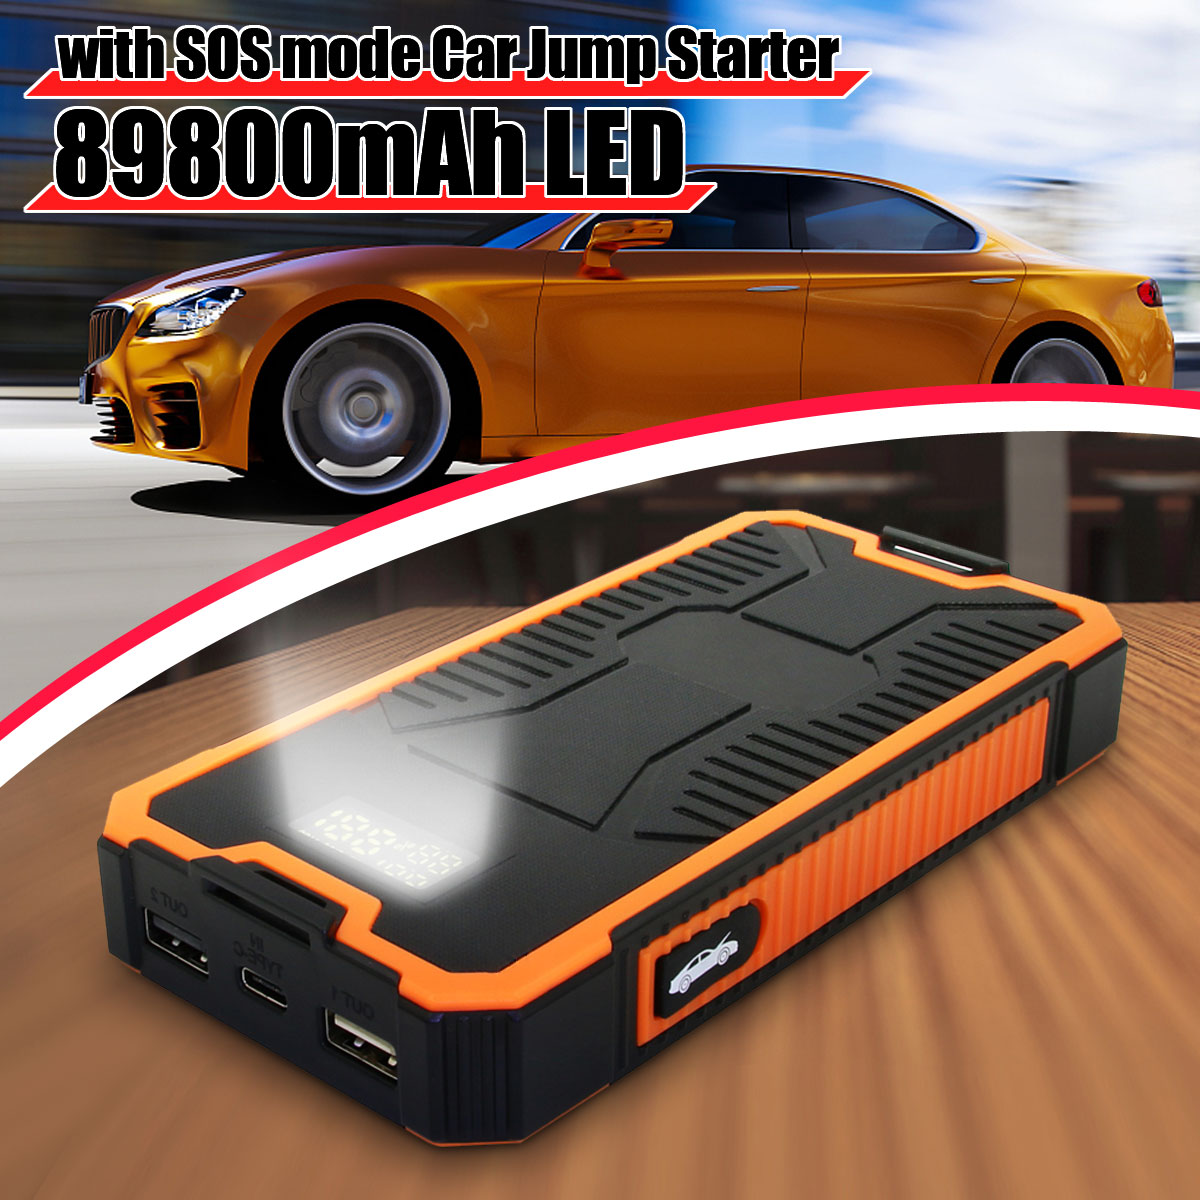 2A chargeur rapide voiture saut démarreur alimentation 89800 mAh batterie Booster USB batterie externe 9 V double sortie USB avec affichage